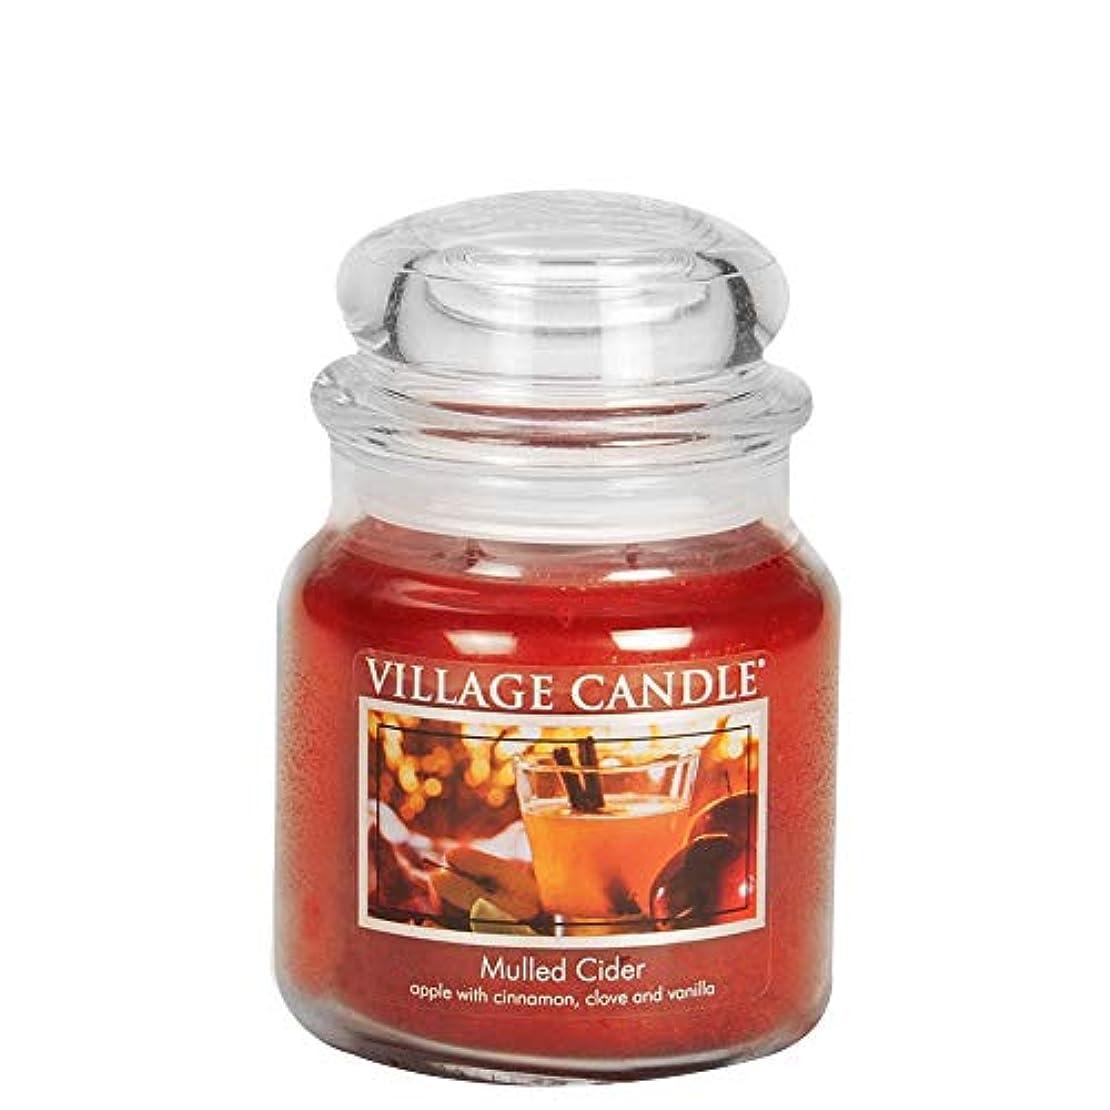 破滅的なセットアップ文(Medium (470ml)) - Village Candle Mulled Cider Jar Candle, 470ml Jar